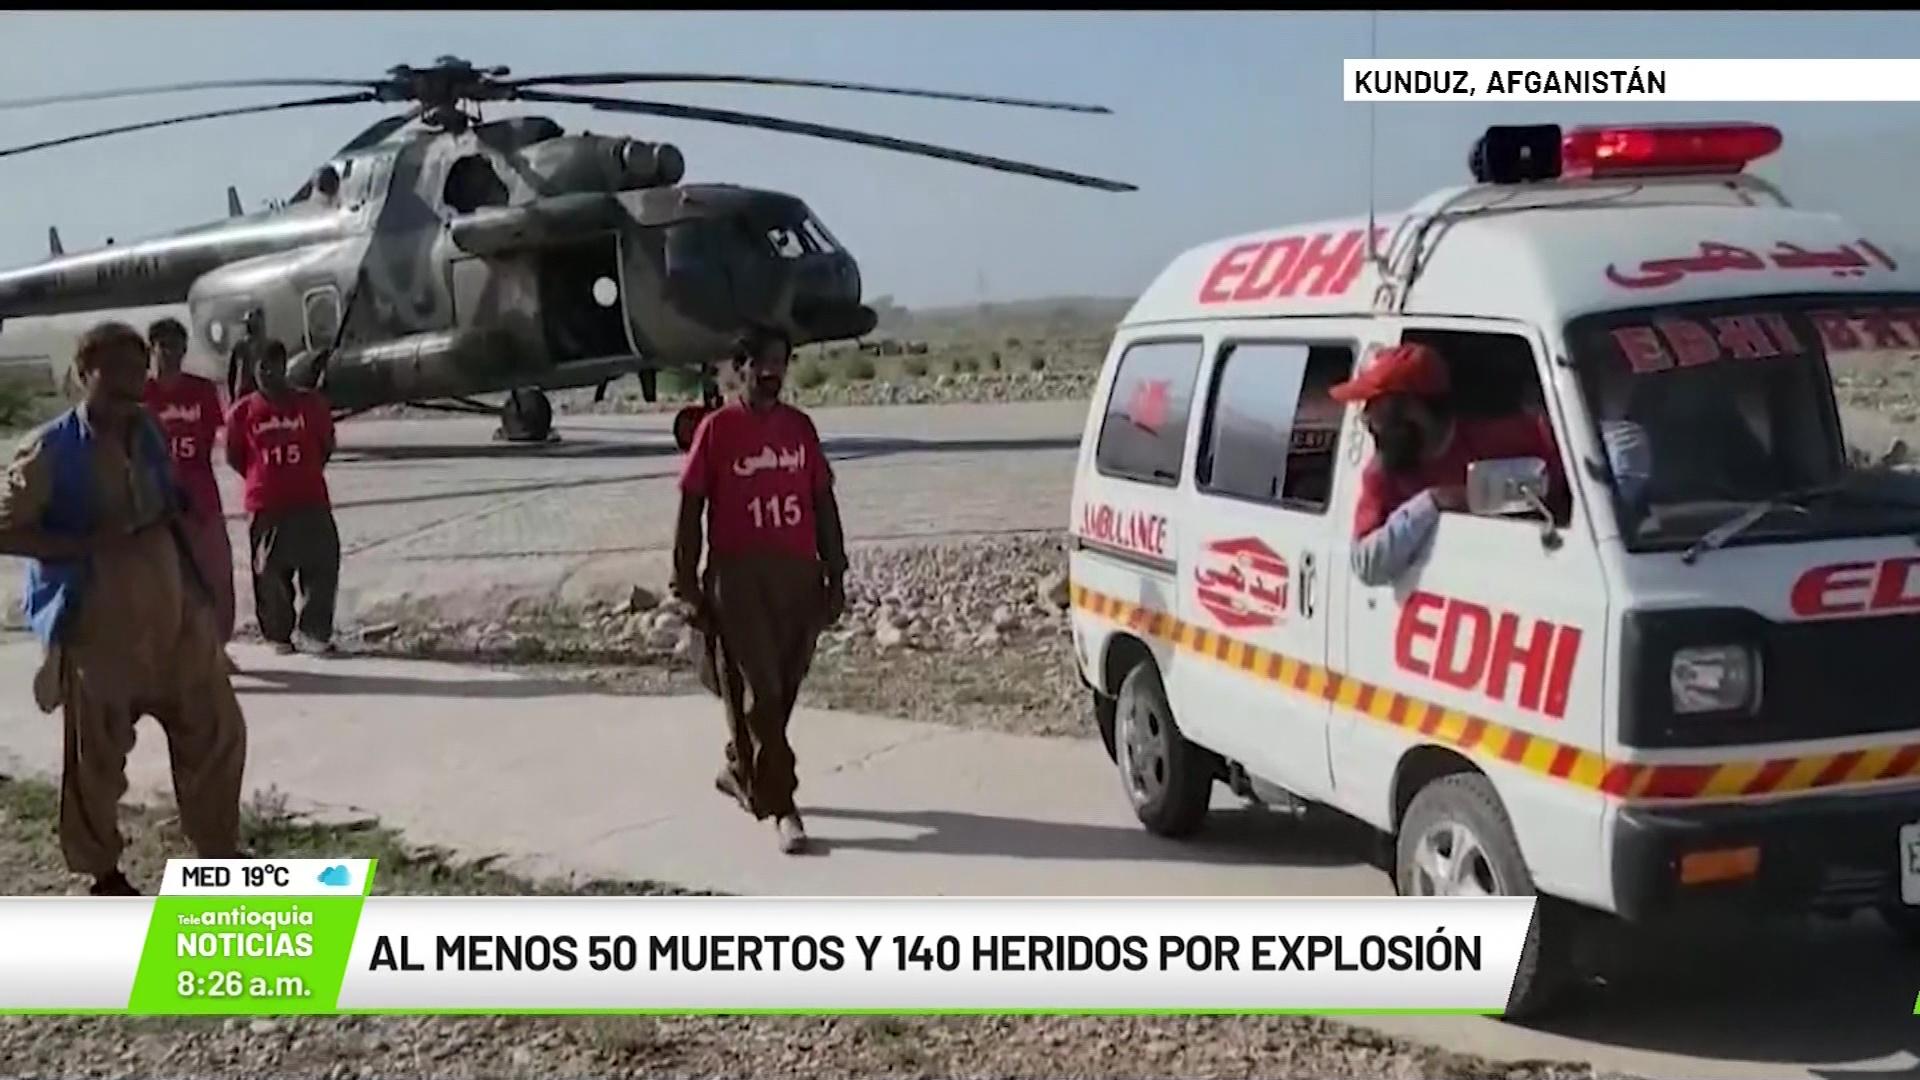 Al menos 50 muertos y 140 heridos por explosión